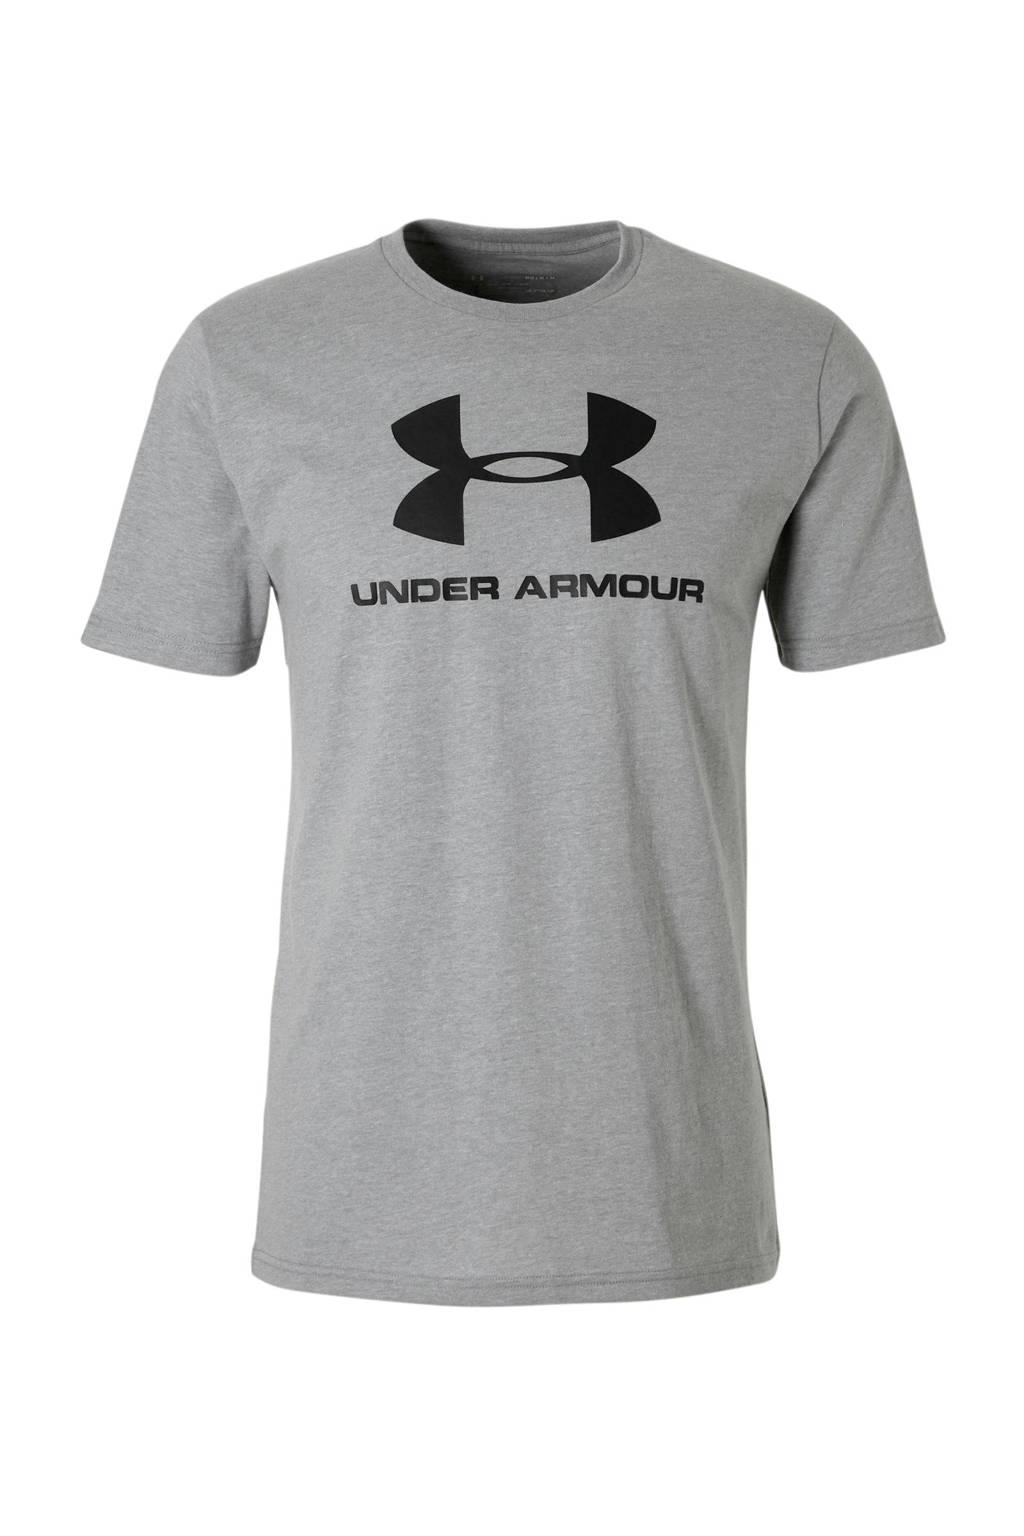 Under Armour   sport T-shirt grijs, Grijs/zwart